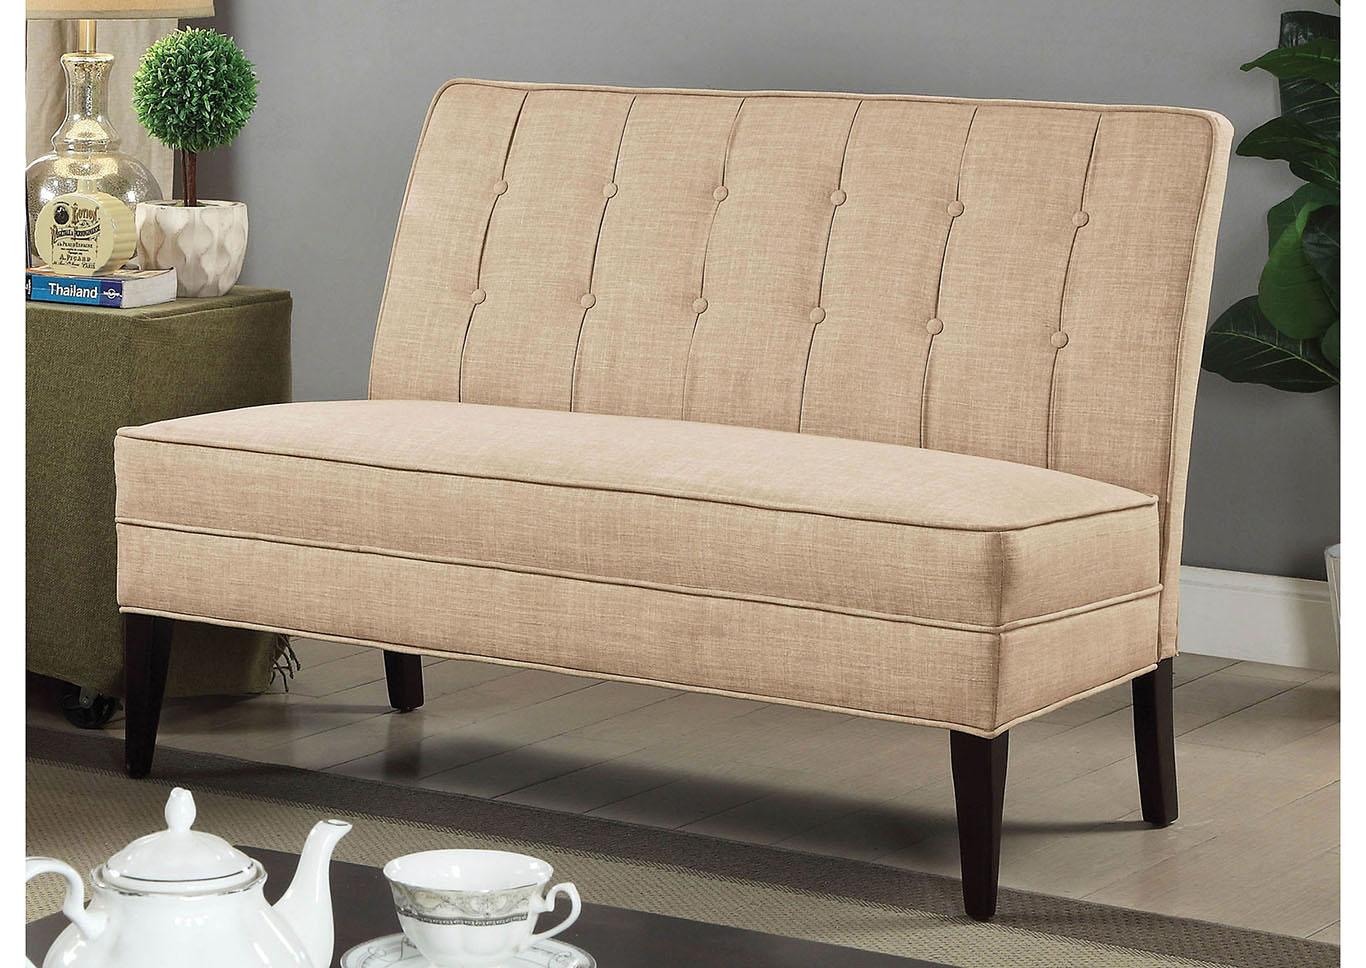 Surprising Cohens Furniture New Castle De Deandra Beige Upholstered Machost Co Dining Chair Design Ideas Machostcouk